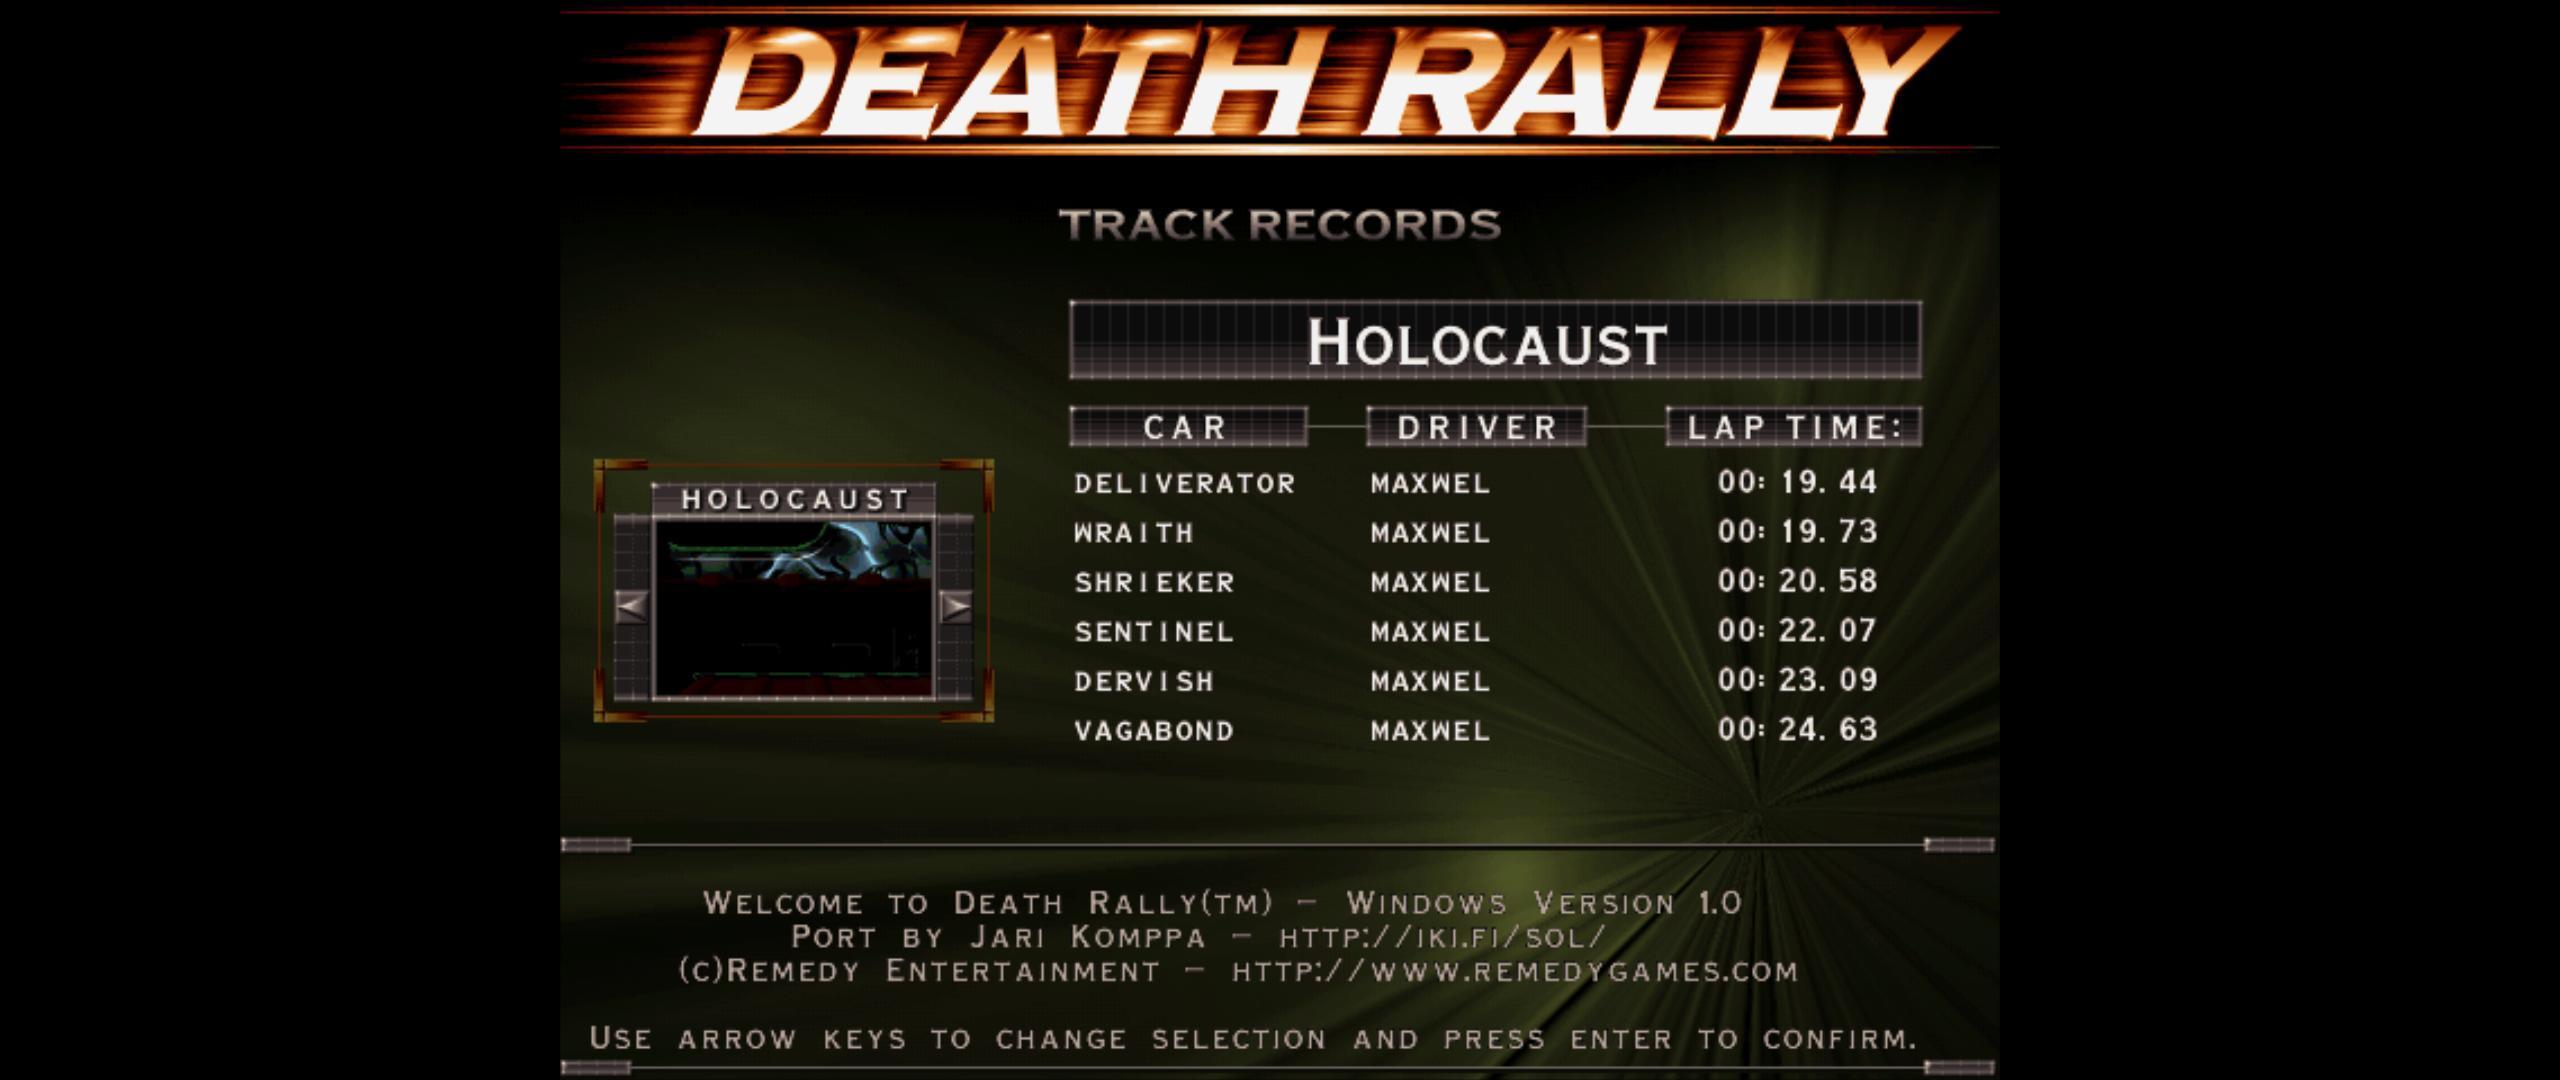 Maxwel: Death Rally [Holocaust, Vagabond Car] (PC) 0:00:24.63 points on 2016-03-02 04:16:26